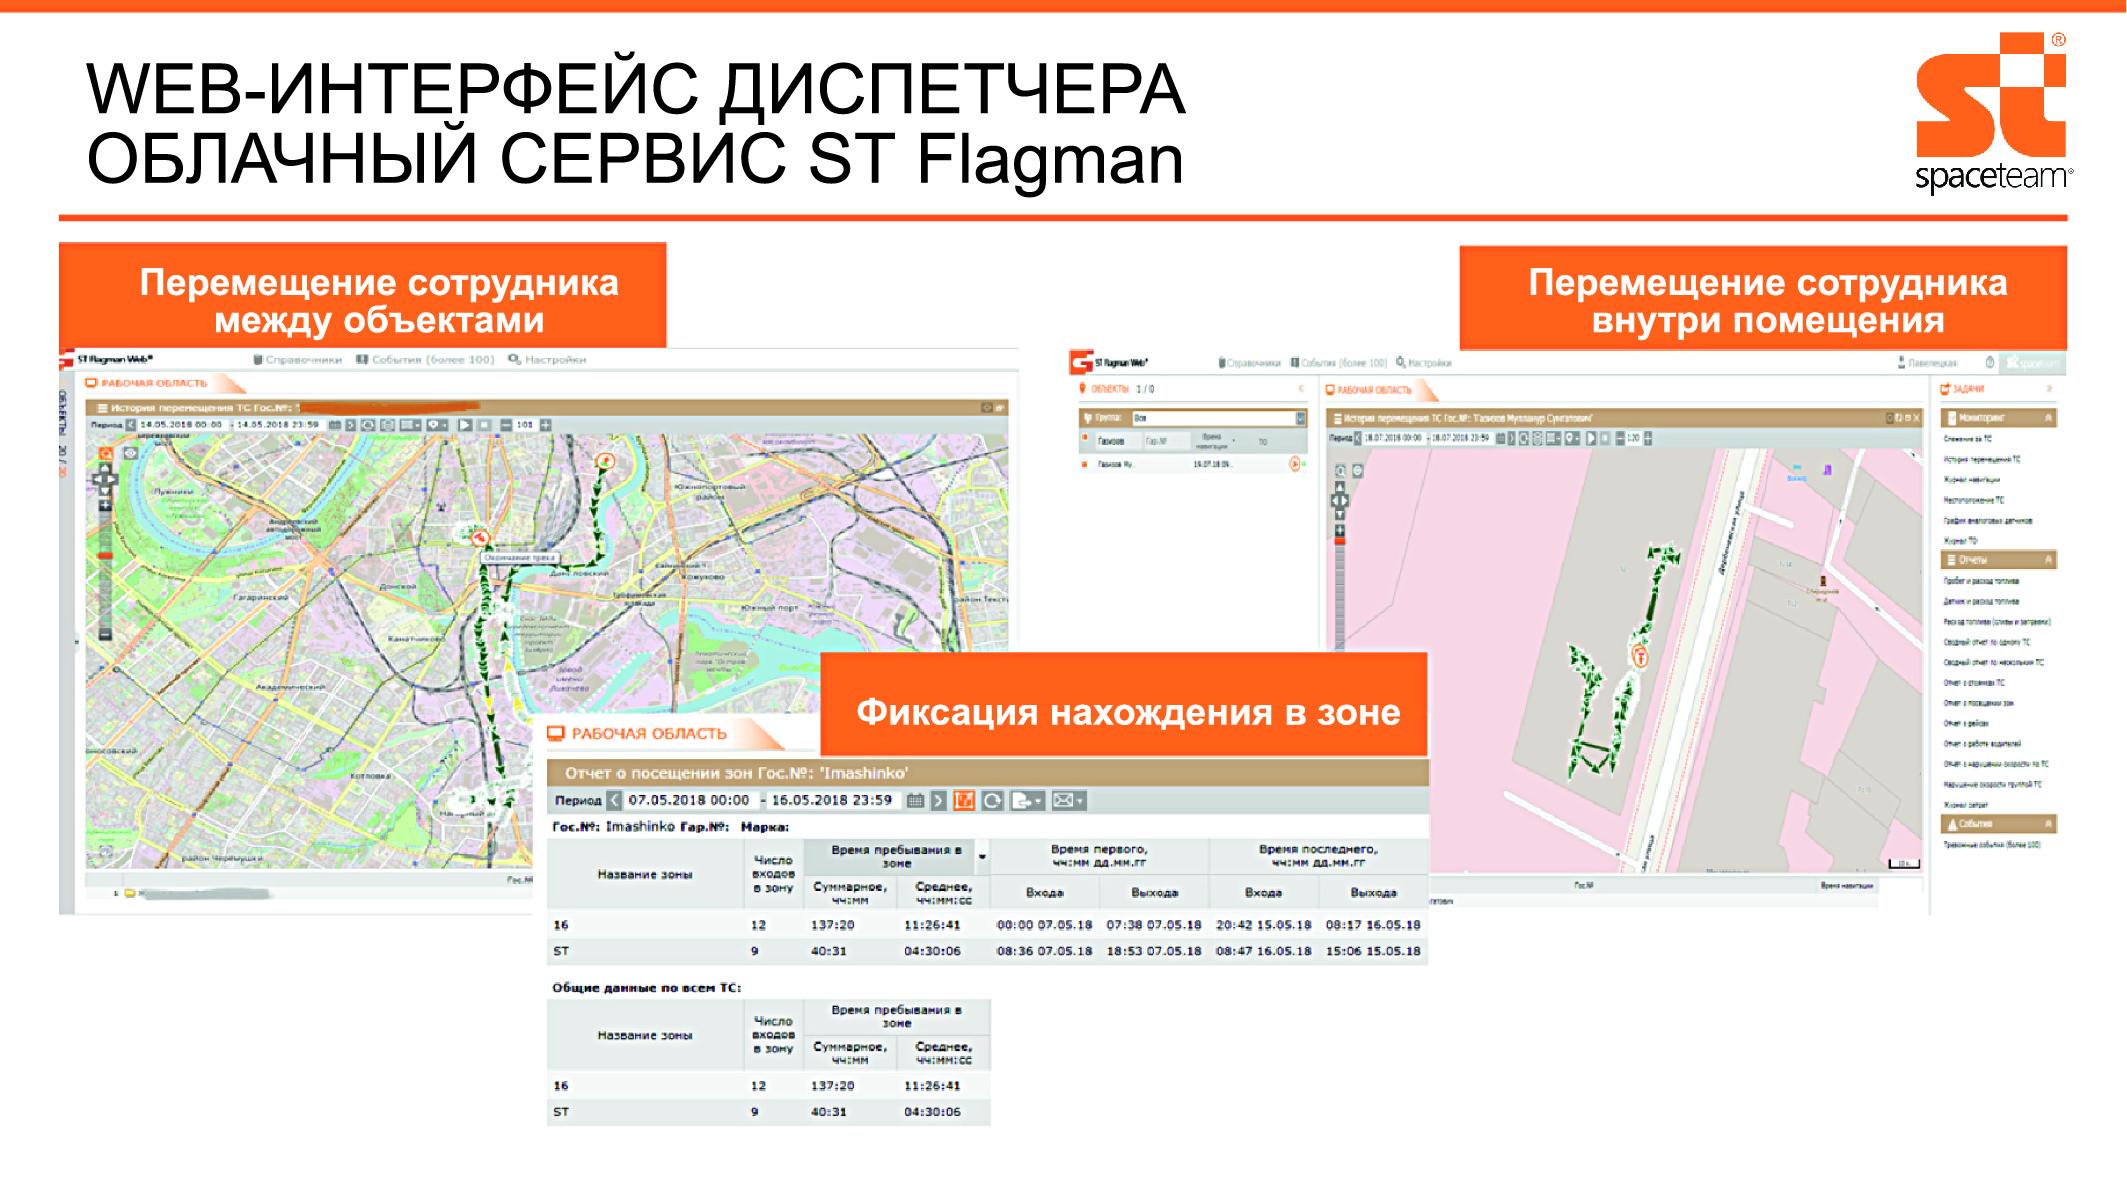 Примеры веб-интерфейса диспетчера системы